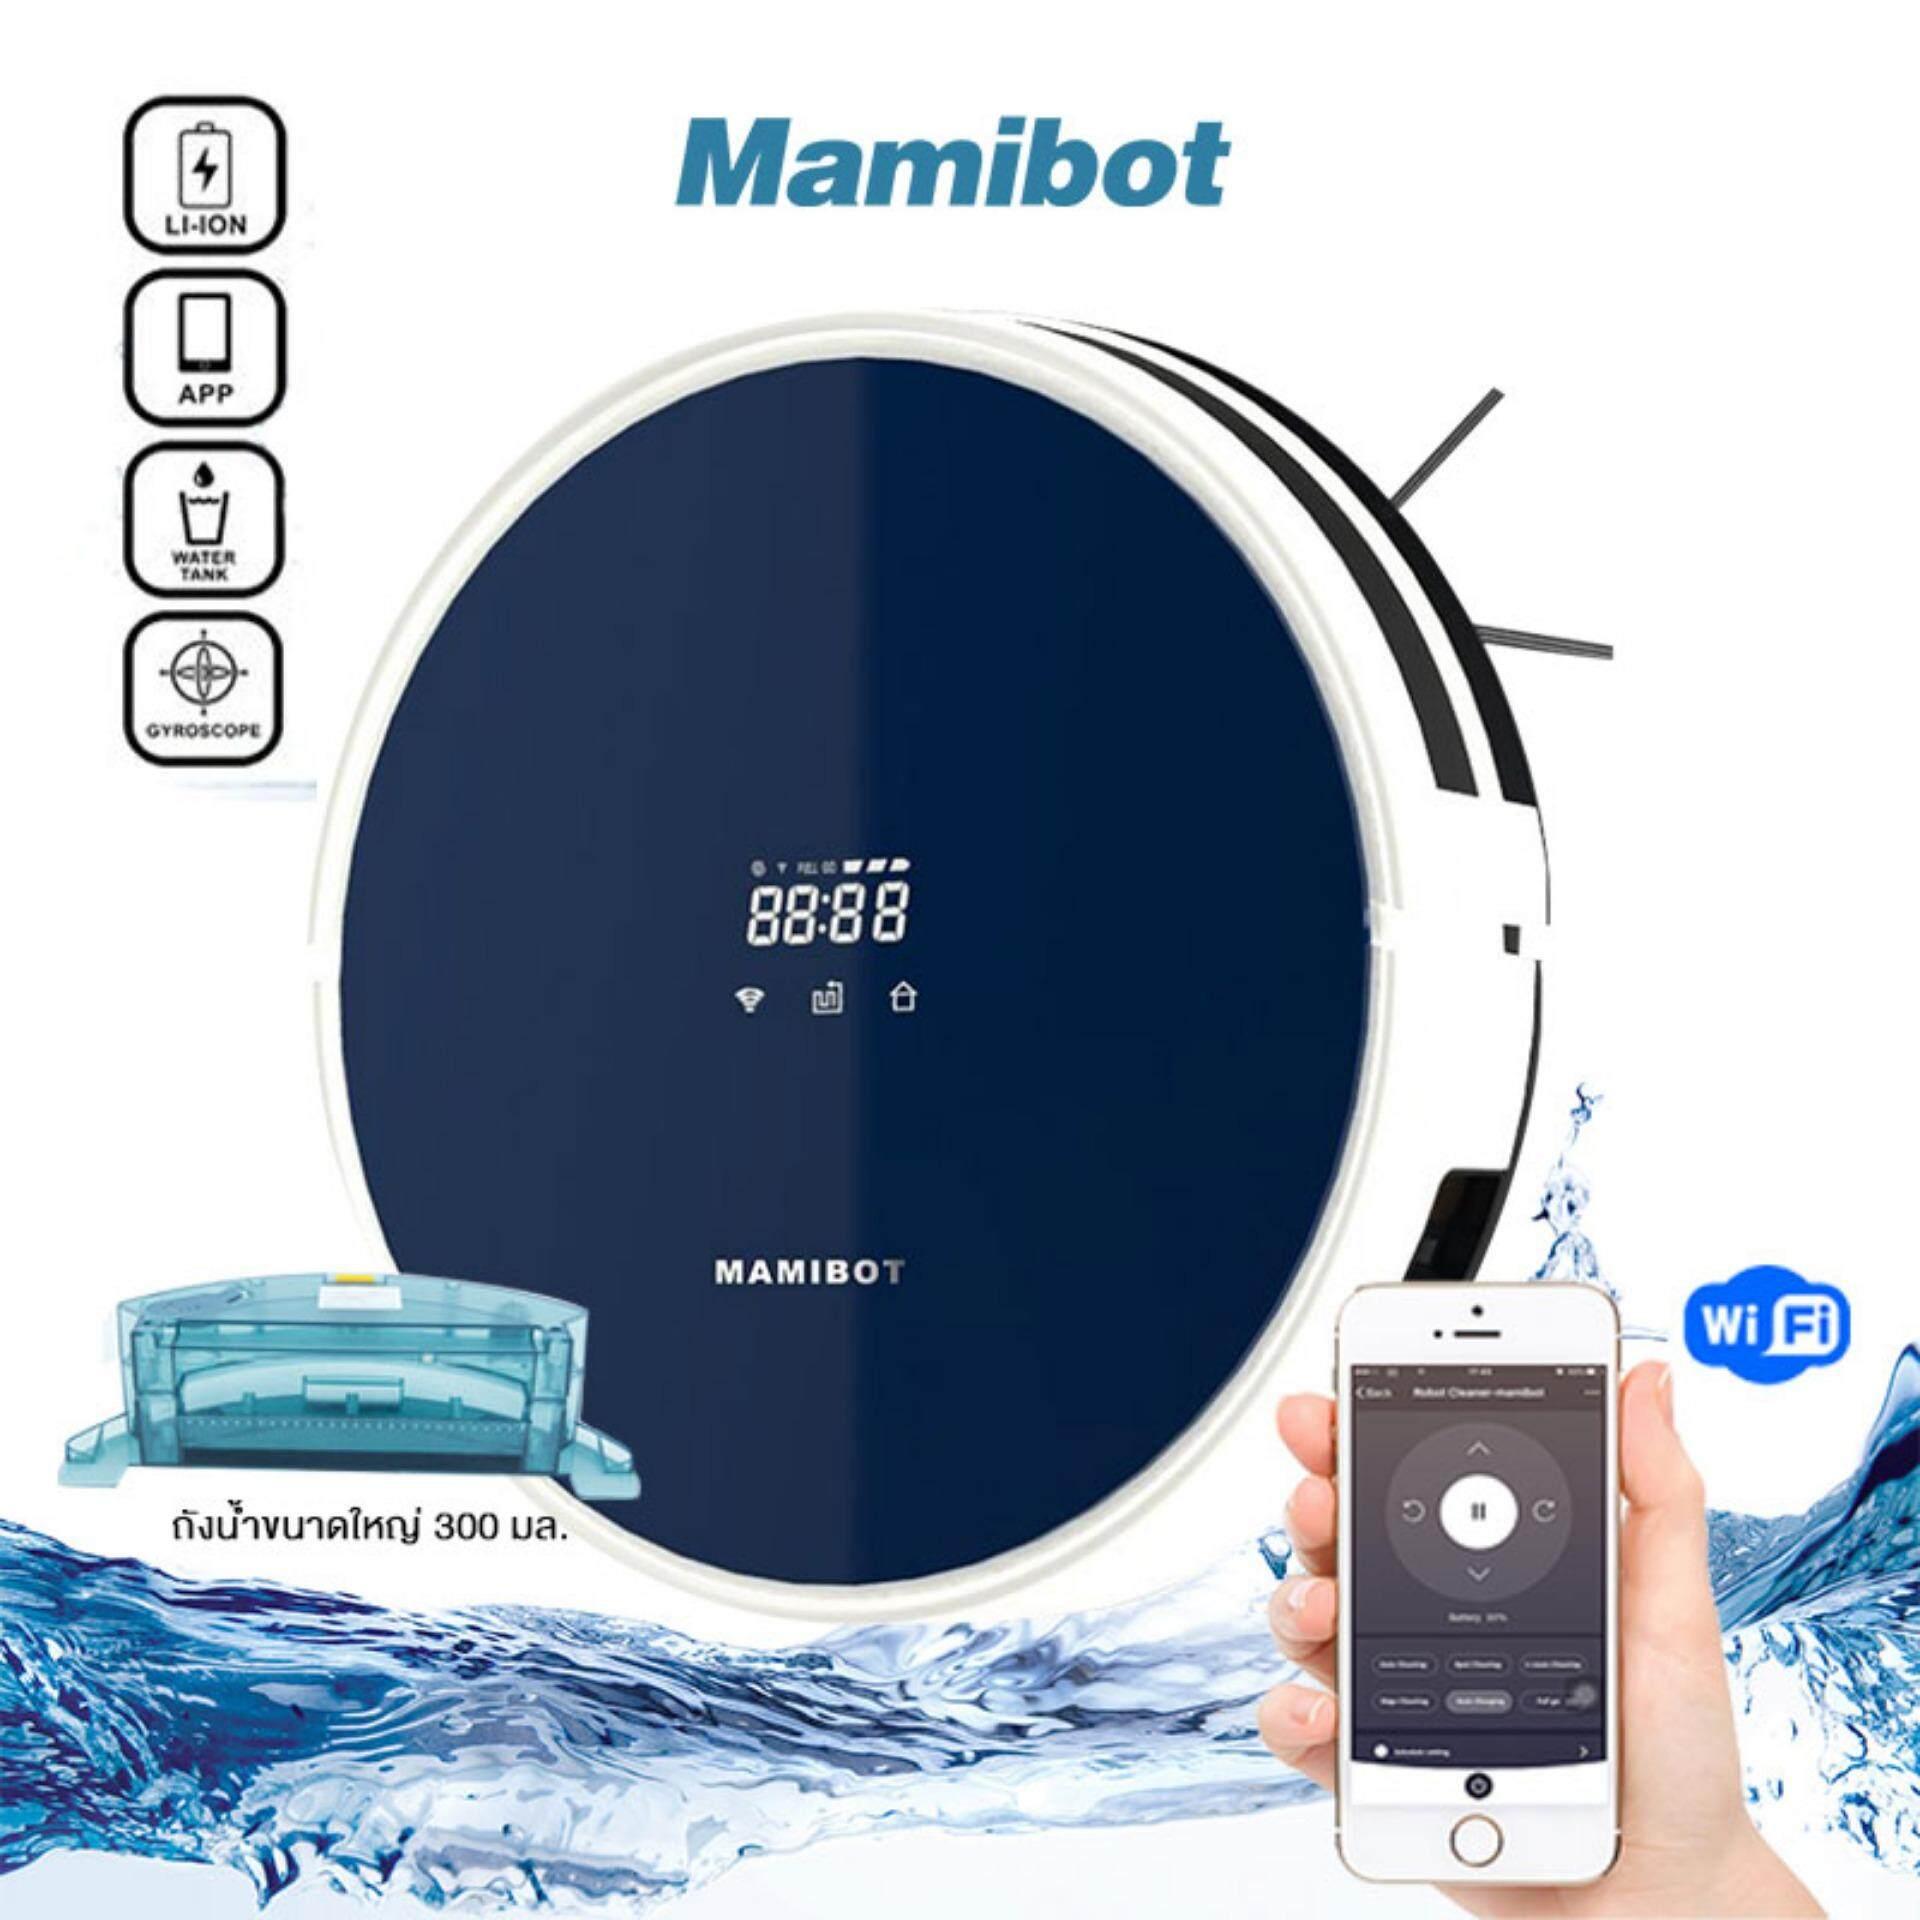 ราคา หุ่นยนต์ดูดฝุ่น Mamibot Prevac 650 With Wifi Control จัดจำหน่ายโดย Iggoo Robot Vacuum Cleaner เป็นต้นฉบับ